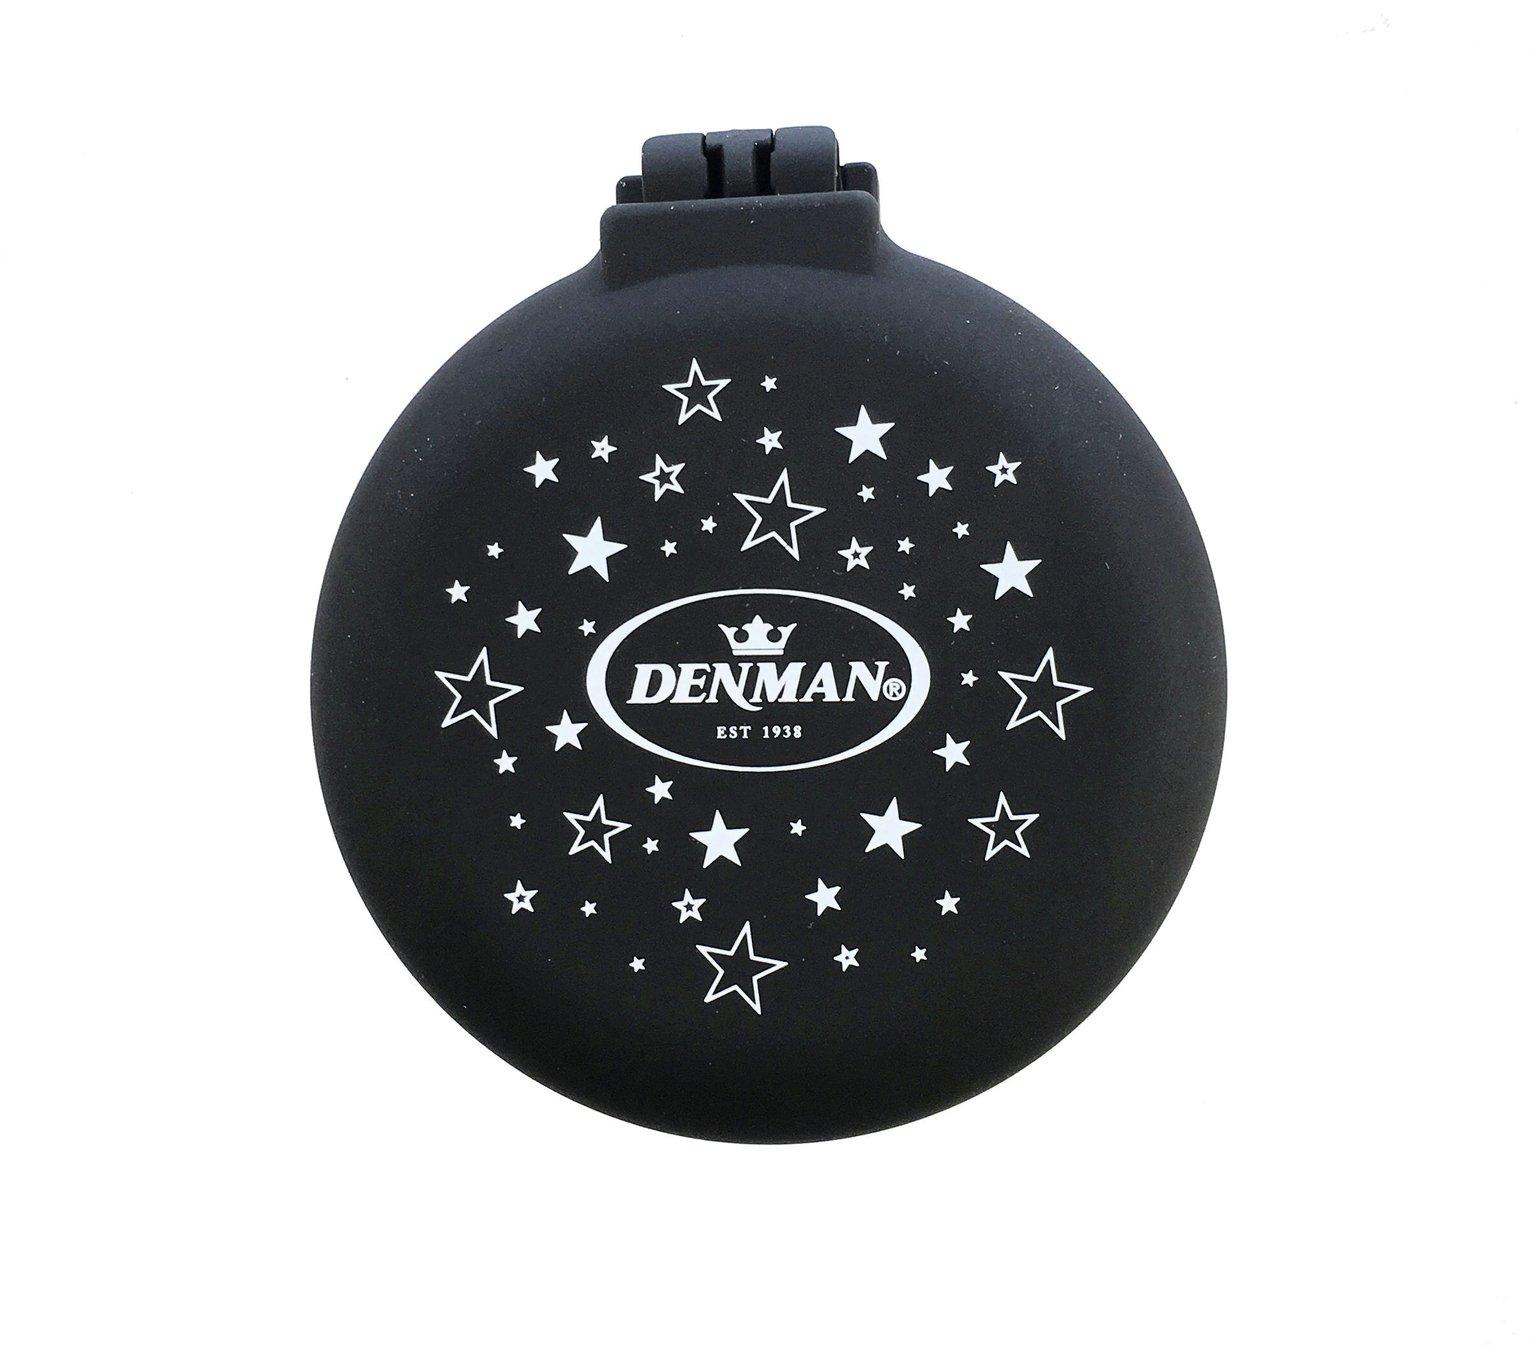 Denman Popper Brush - Black Stars